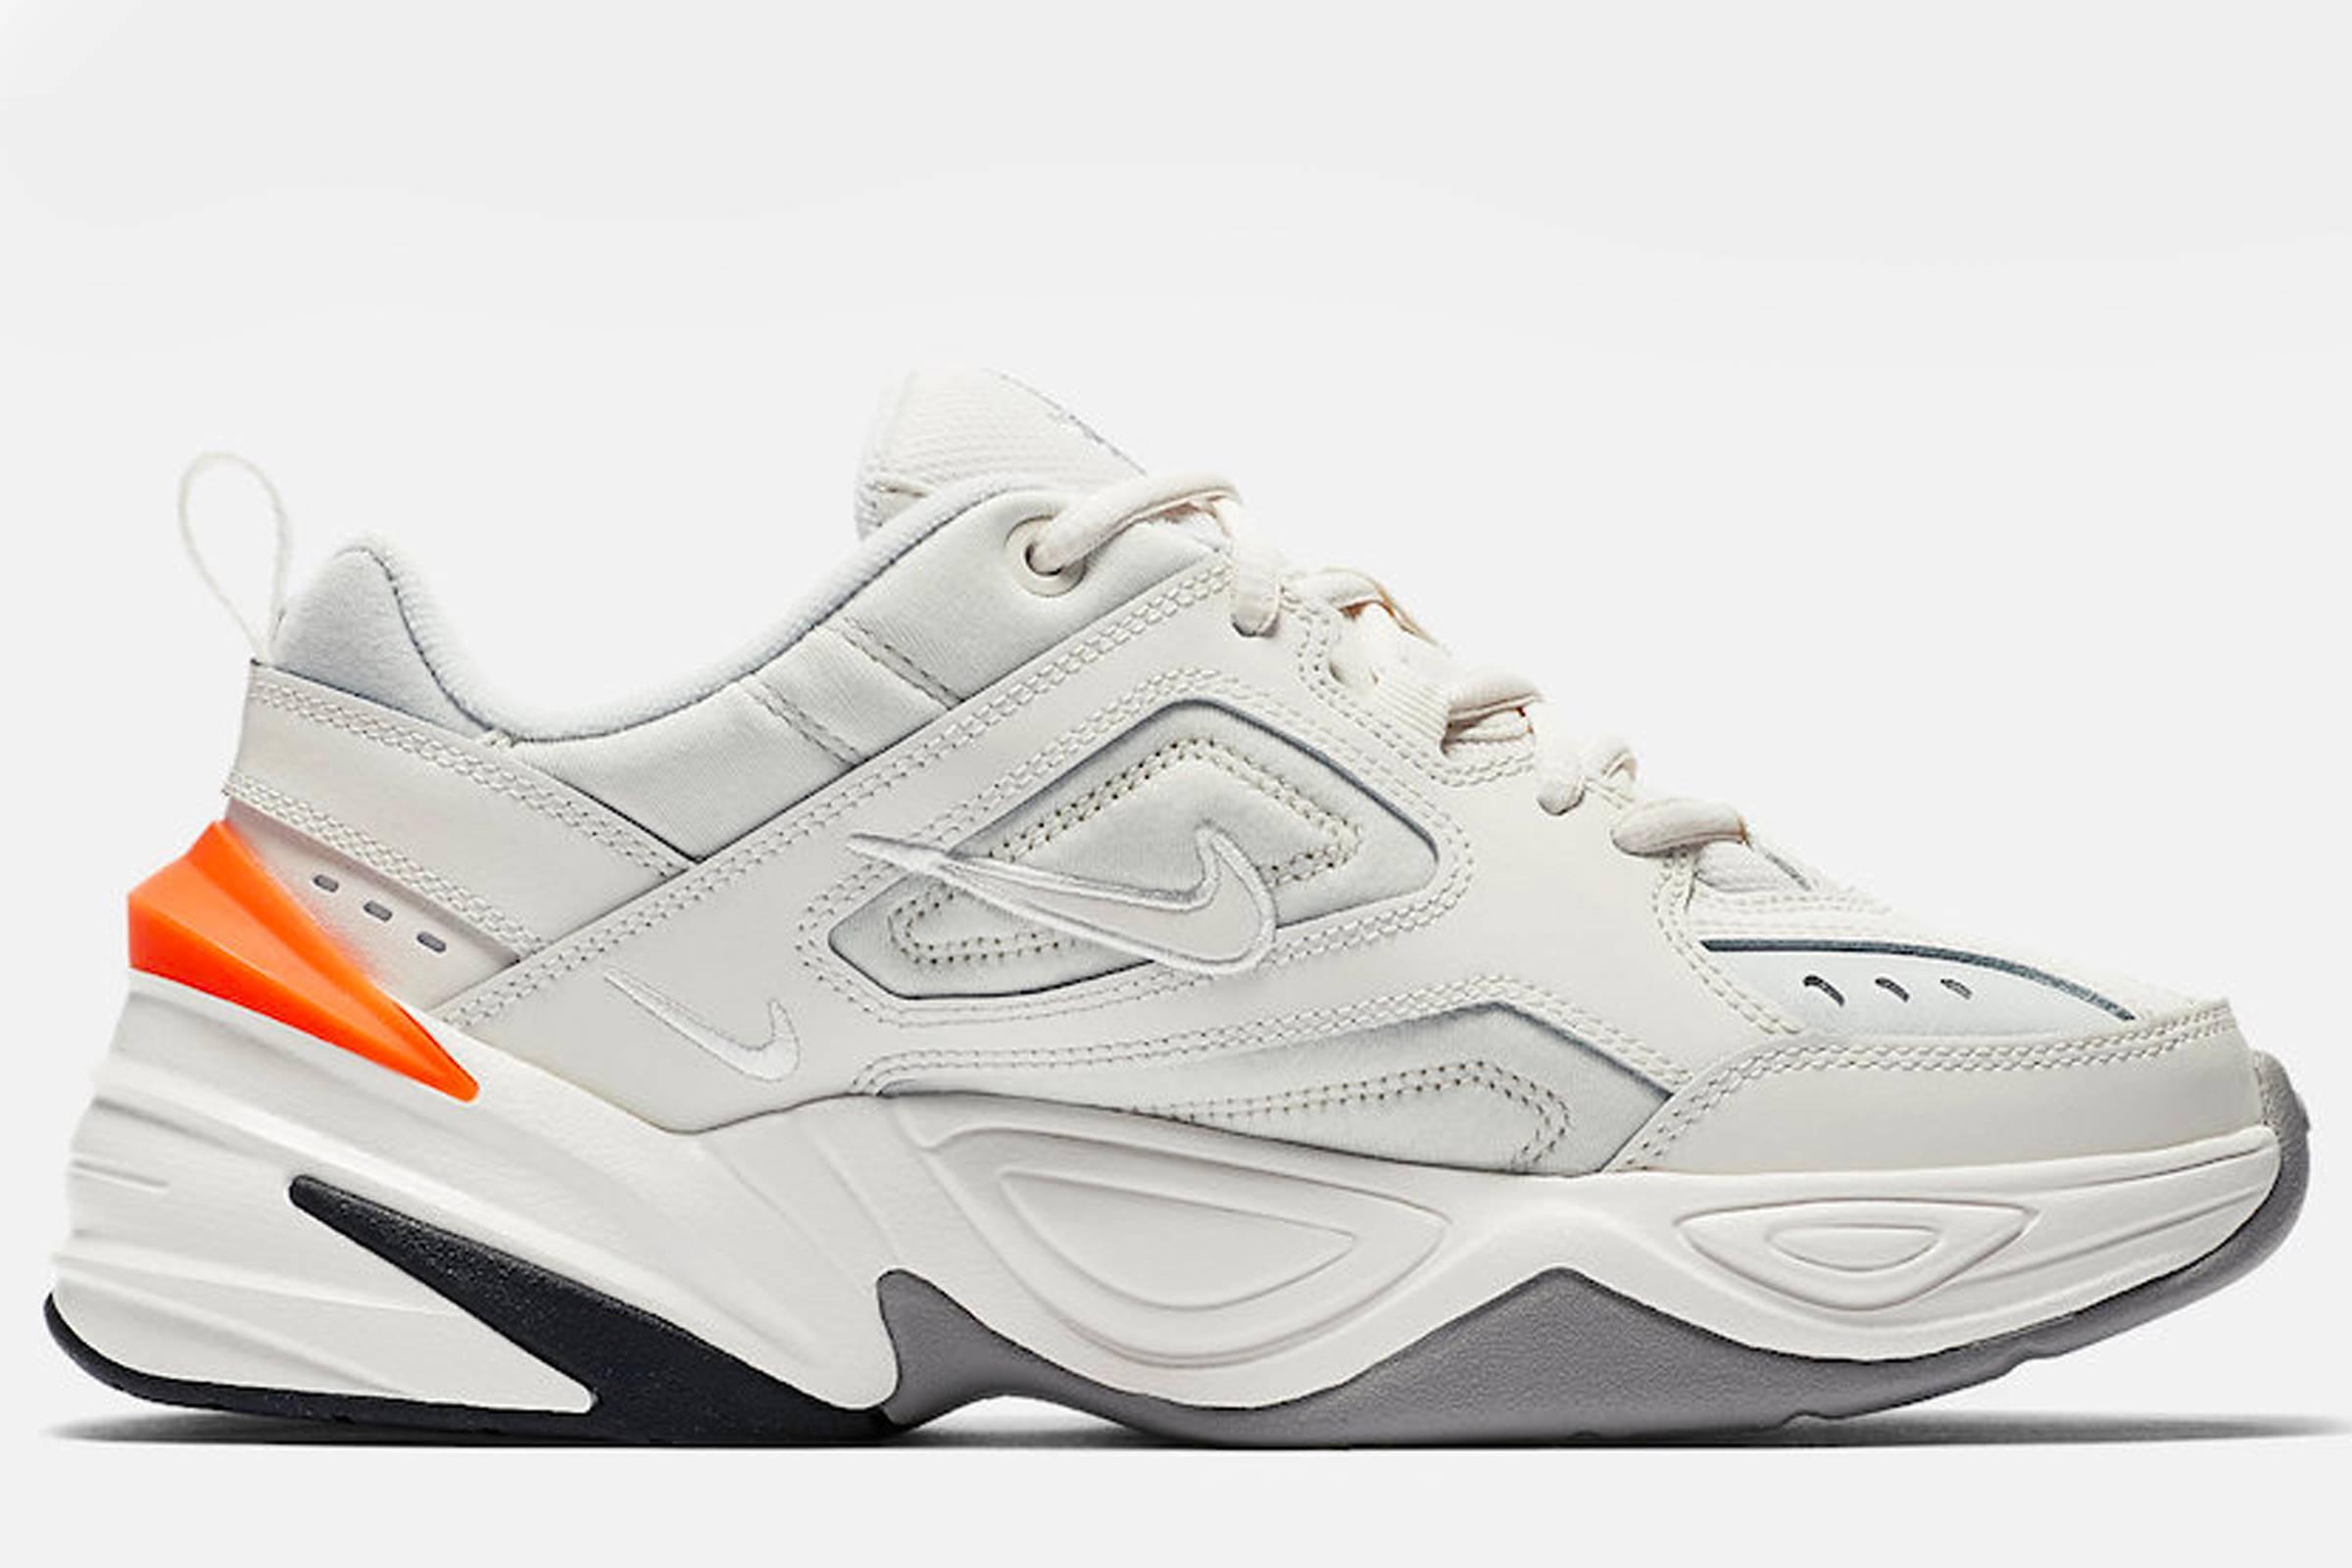 Nike's M2K Tekno Sneaker